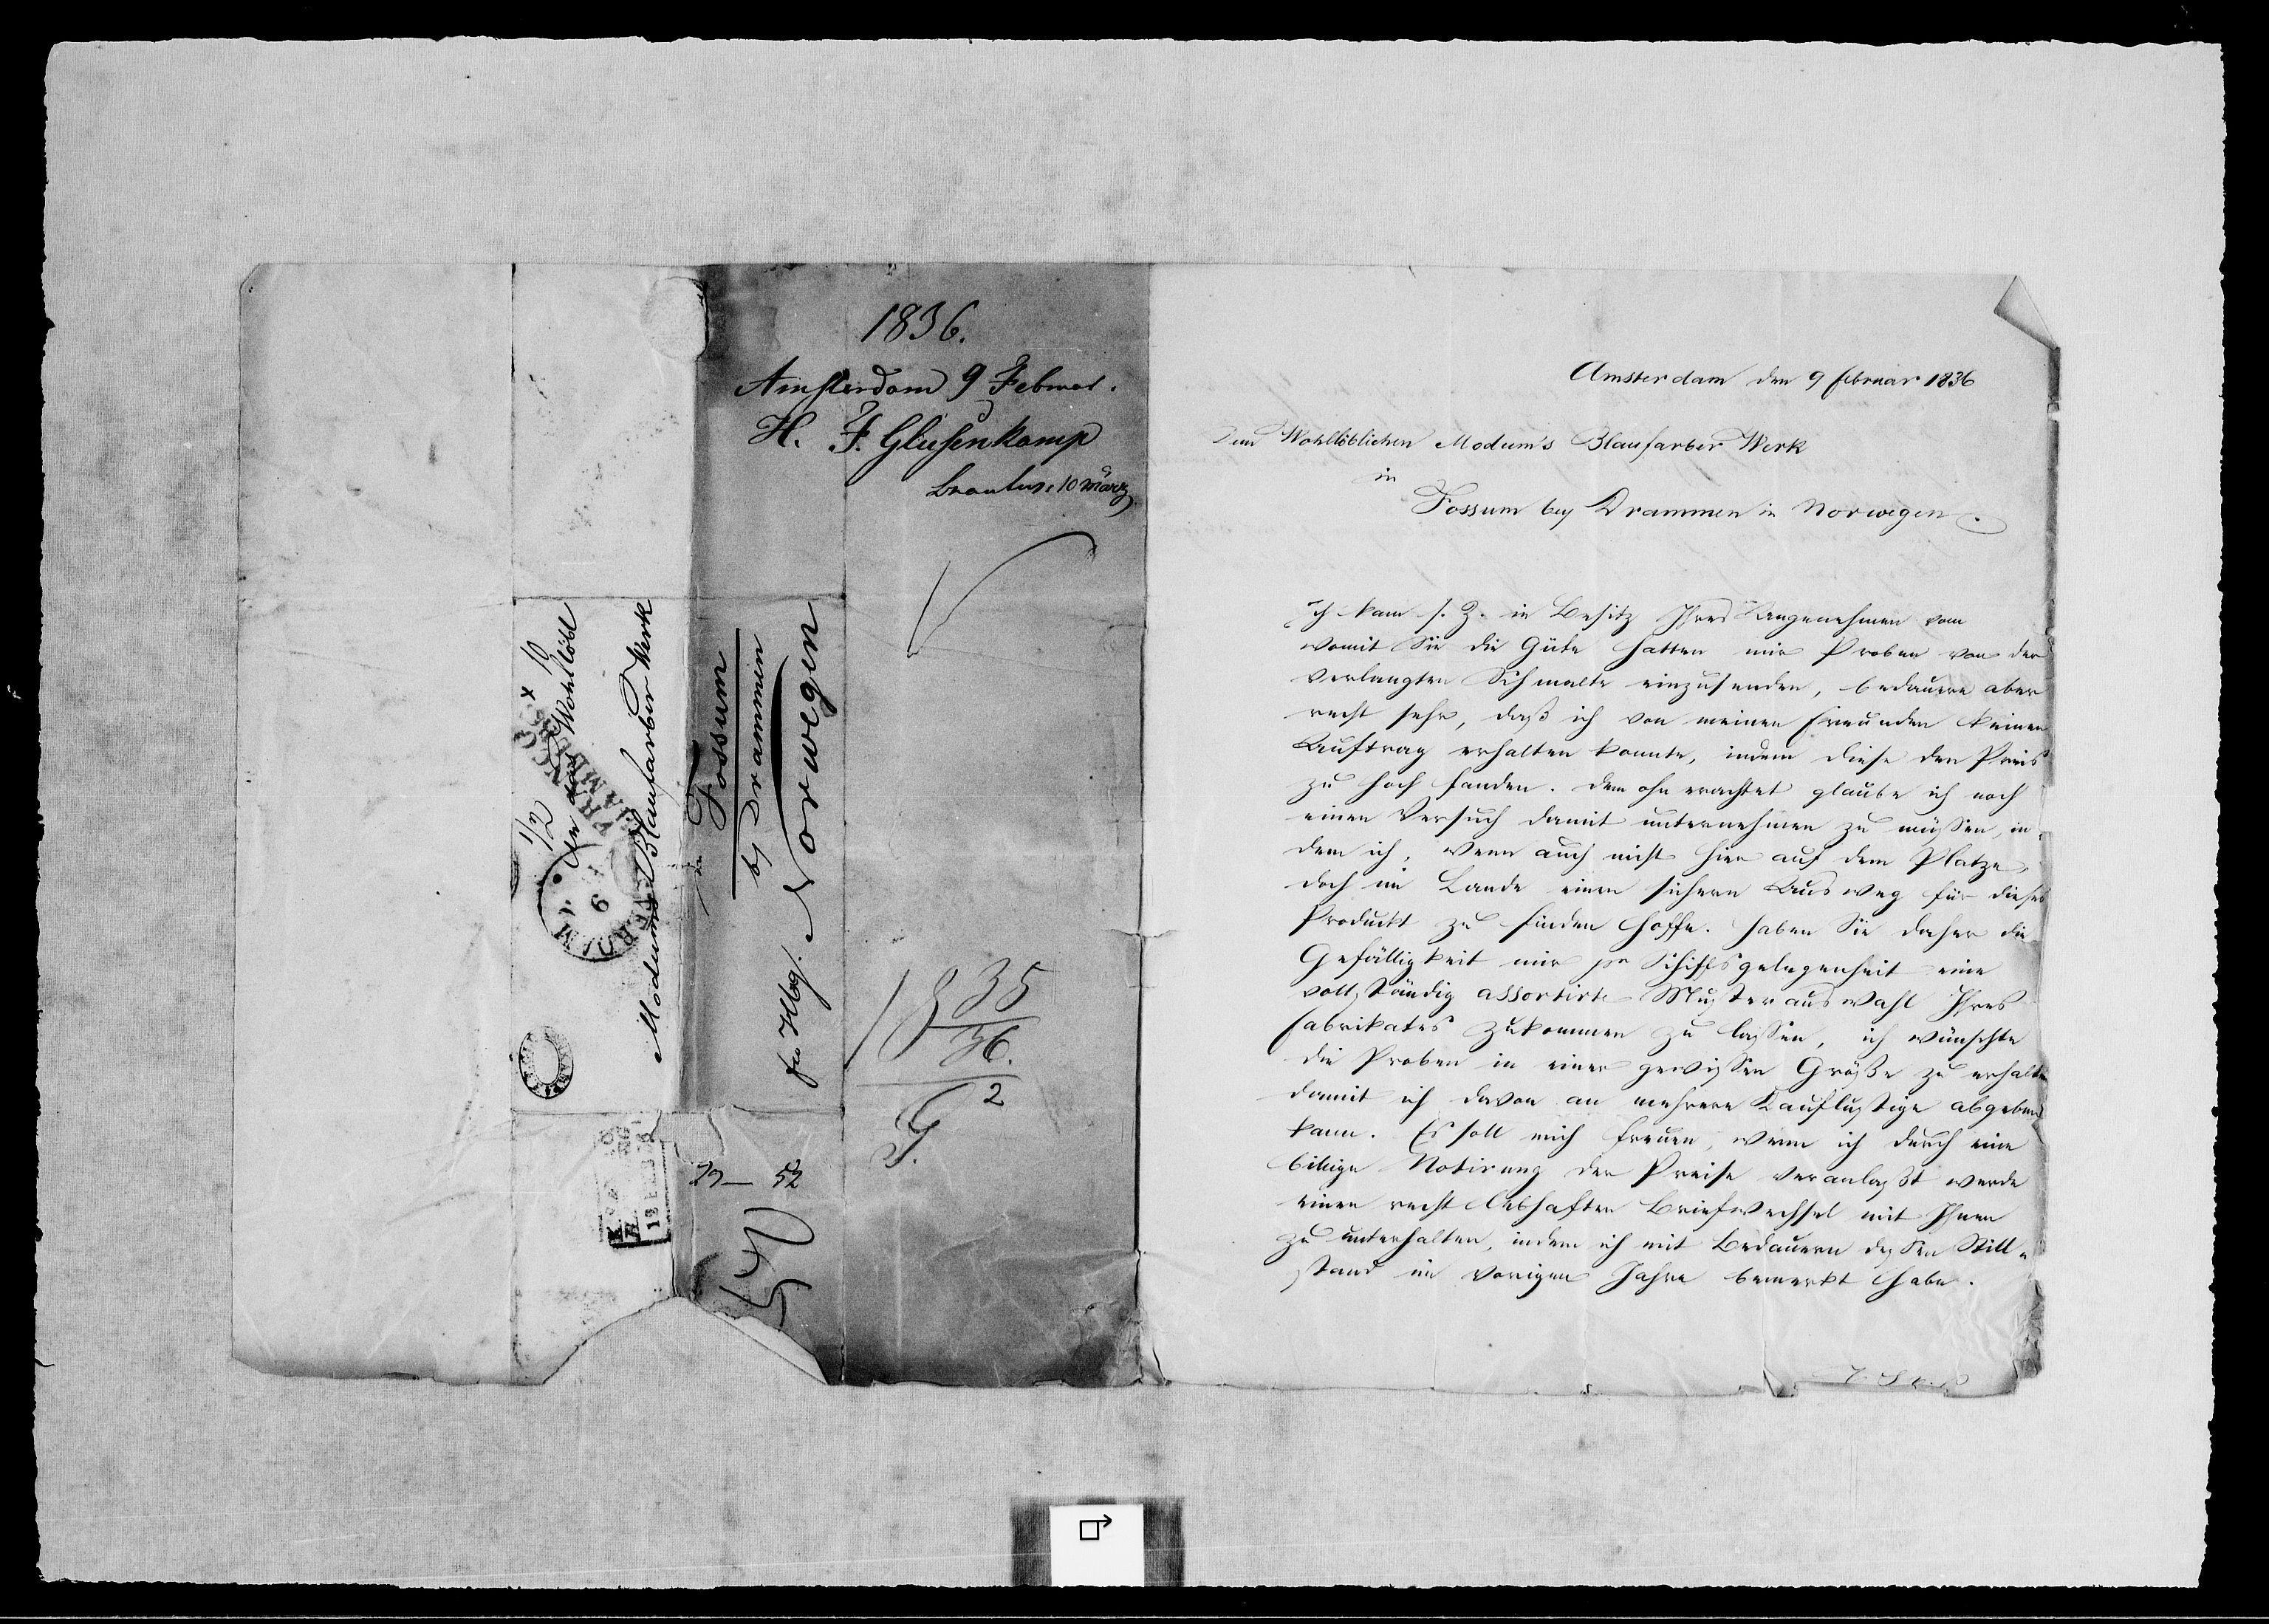 RA, Modums Blaafarveværk, G/Gb/L0116, 1835-1836, s. 2